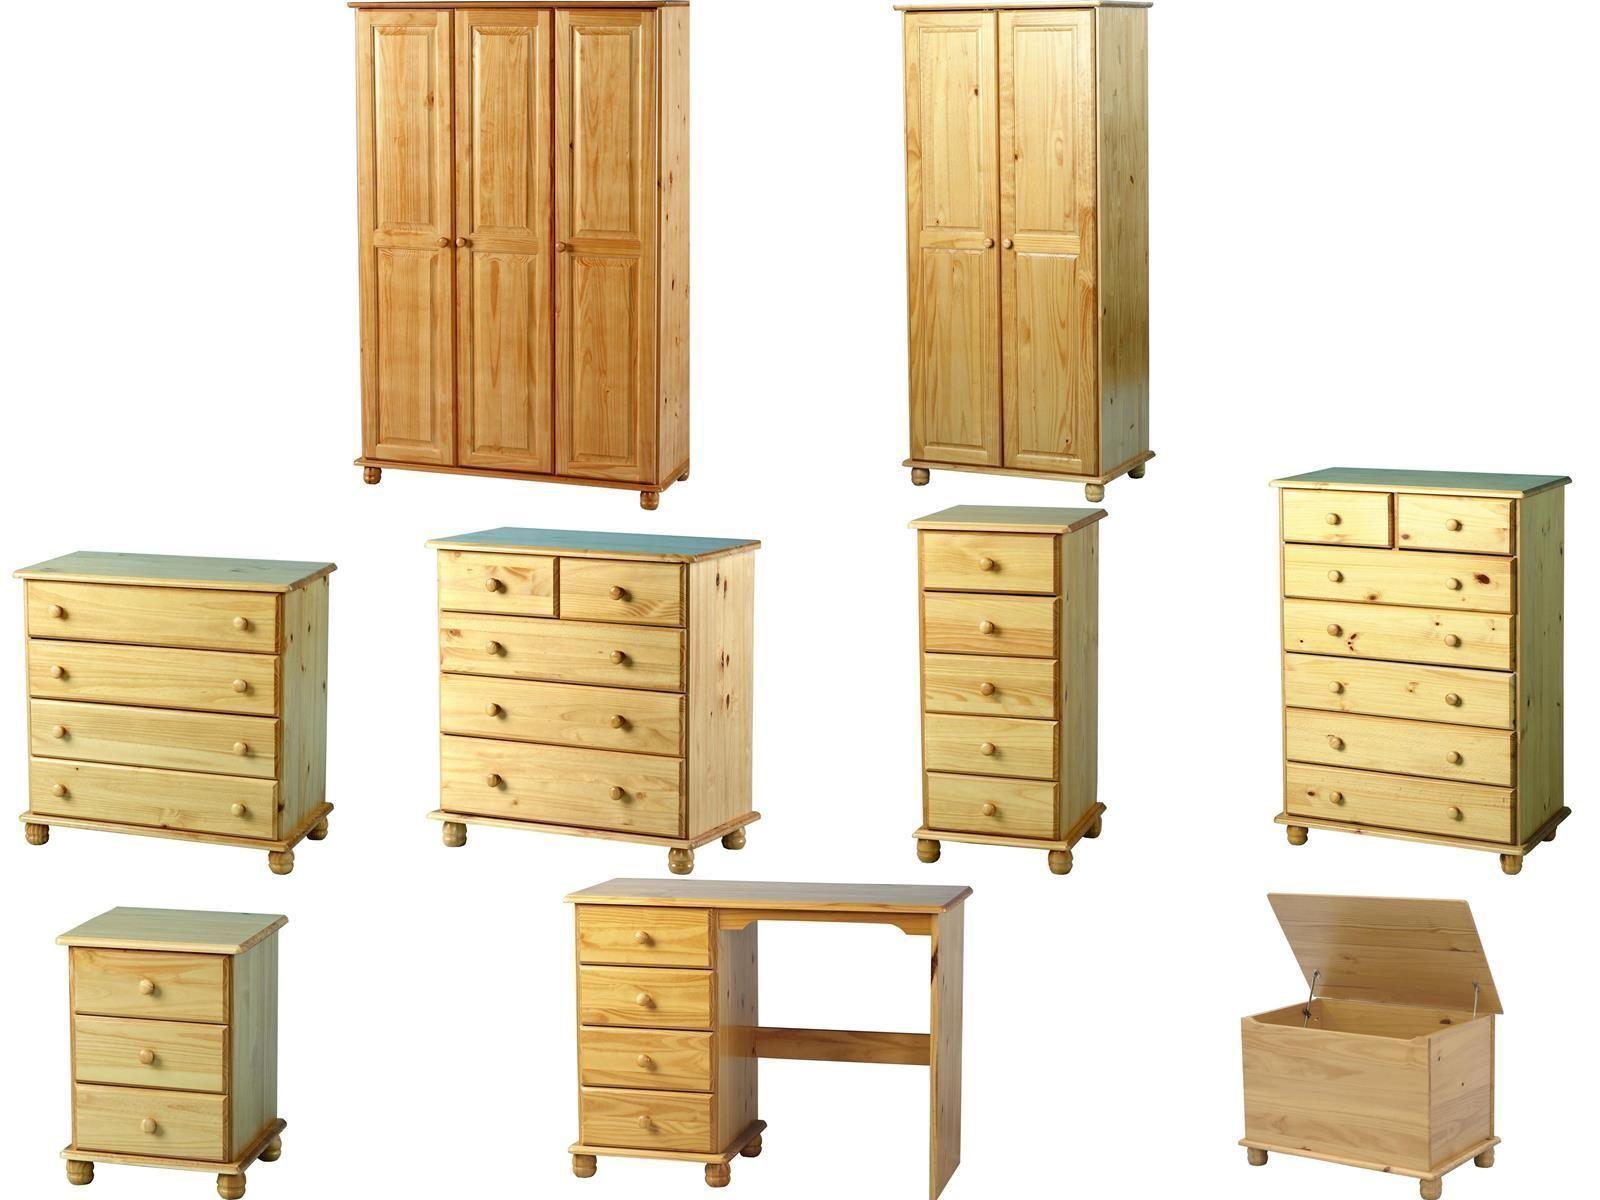 Details about Sol Antique Pine Solid Bedroom Furniture Wardrobes Drawers  Bedside Desk Sets